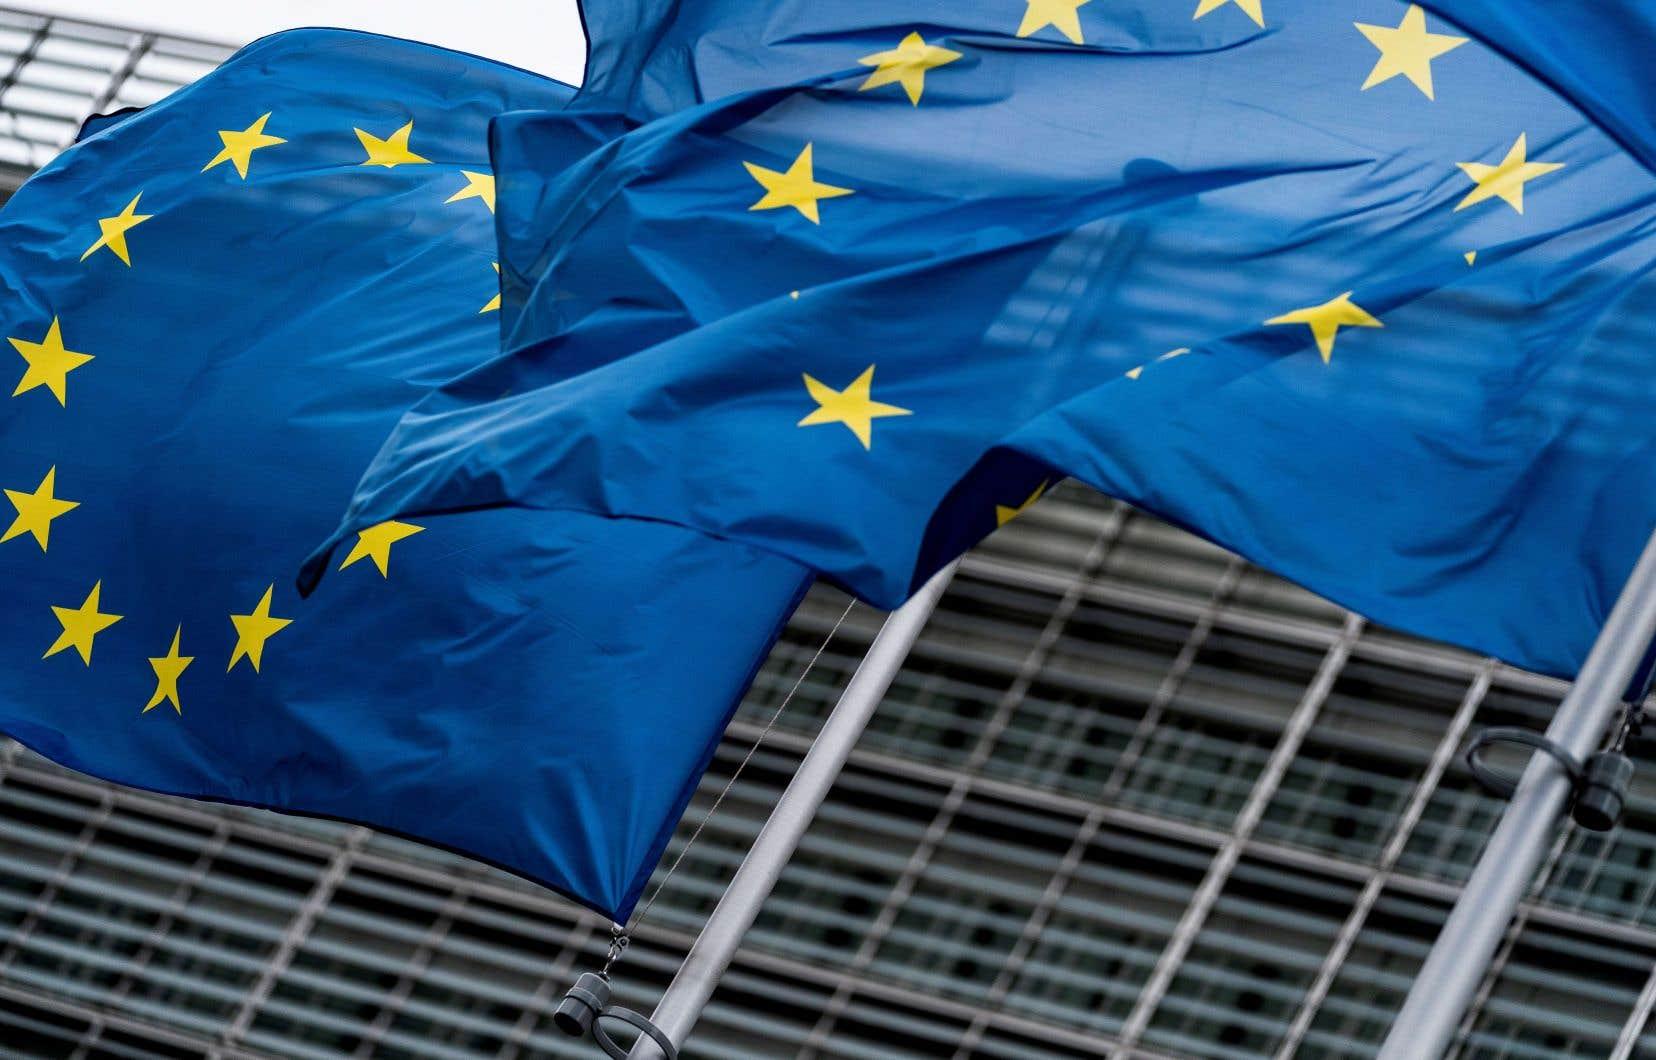 «Le but de la proposition (néerlandaise, NDLR) est de prendre des mesures si une entreprise, peu importe sa nationalité, perturbe ou menace de perturber la concurrence au sein du marché intérieur européen [...]. »